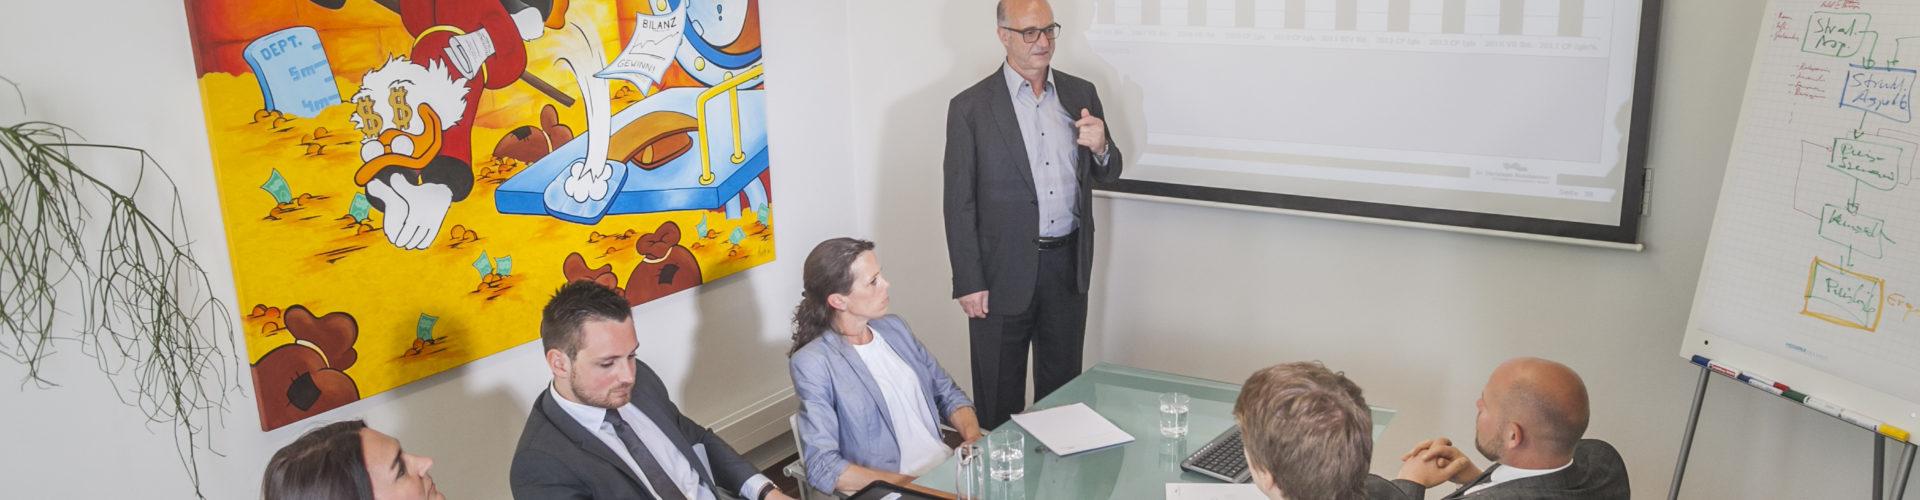 Strategieentwicklung, Dr. Christoph Nussbaumer Strategy Consultants GmbH